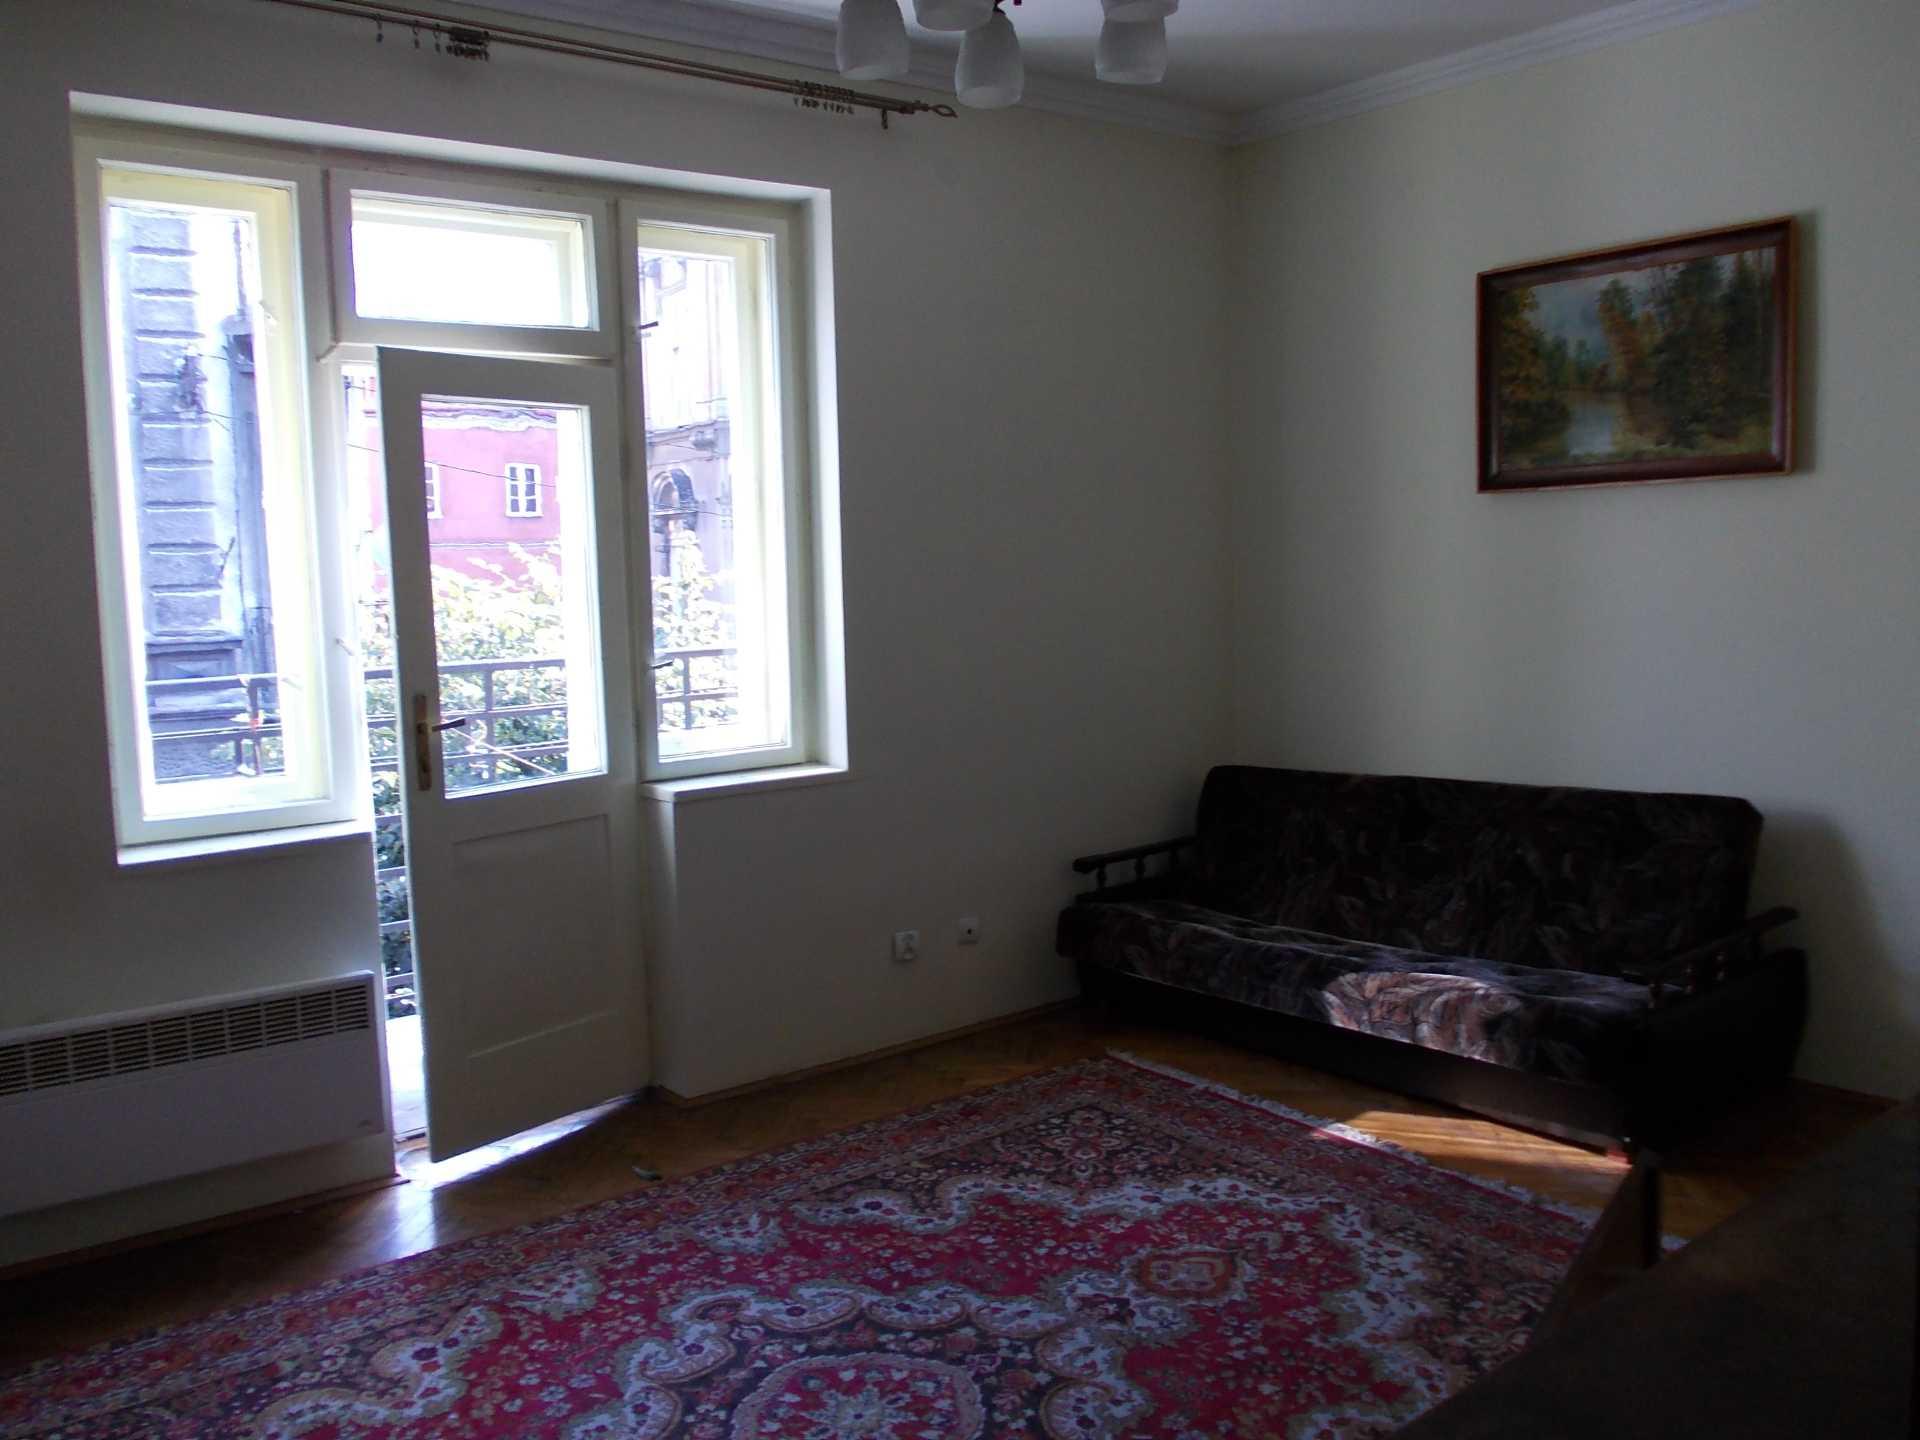 Квартира площадью 65 м2 в многоквартирном доме, Пшемысль